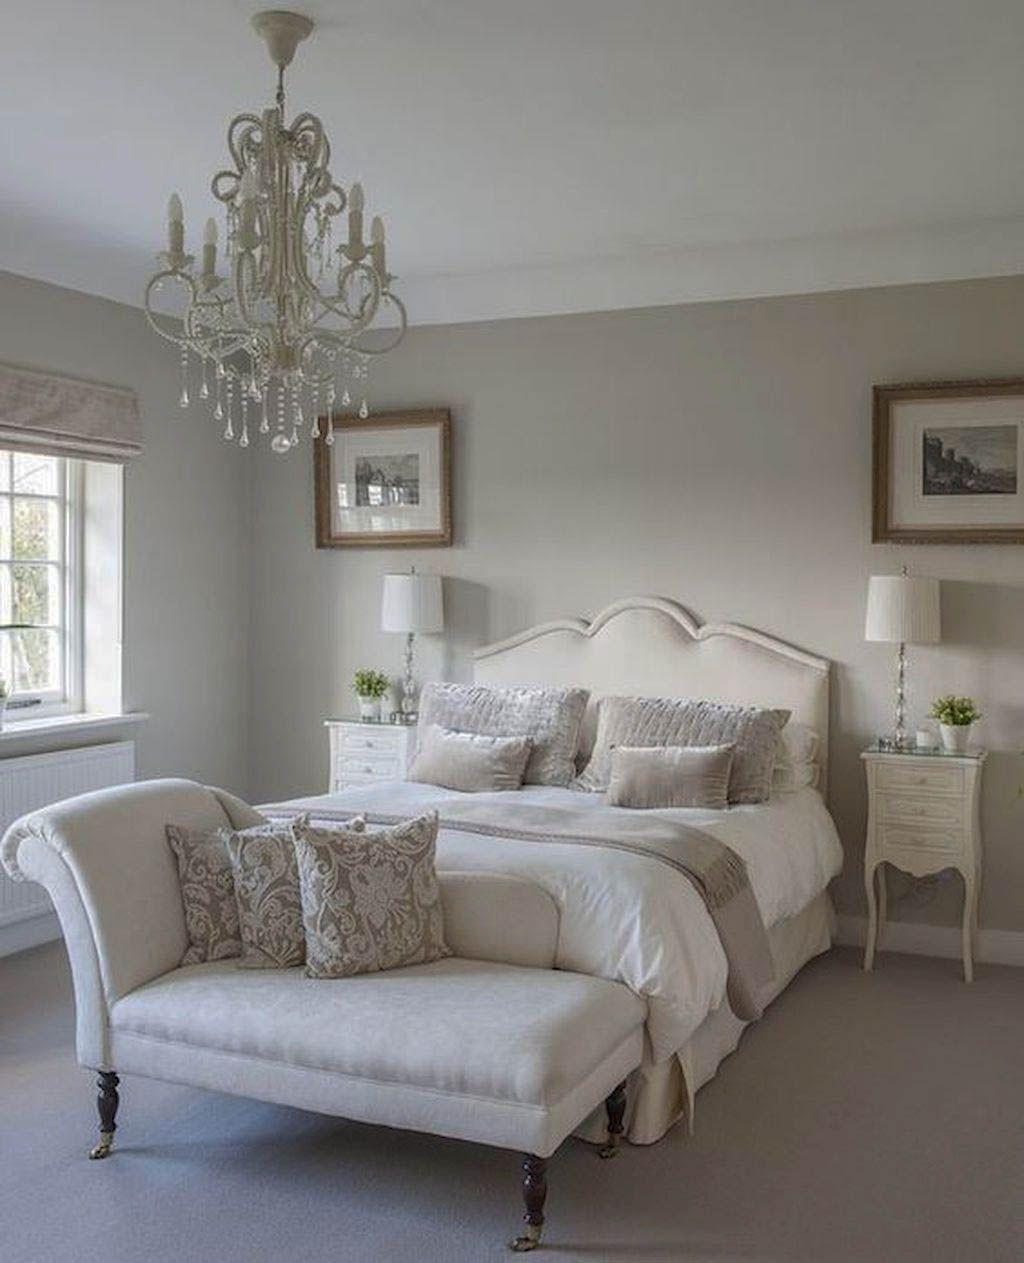 Elite 1950 bedroom decorating ideas only on zeltahome.com ...